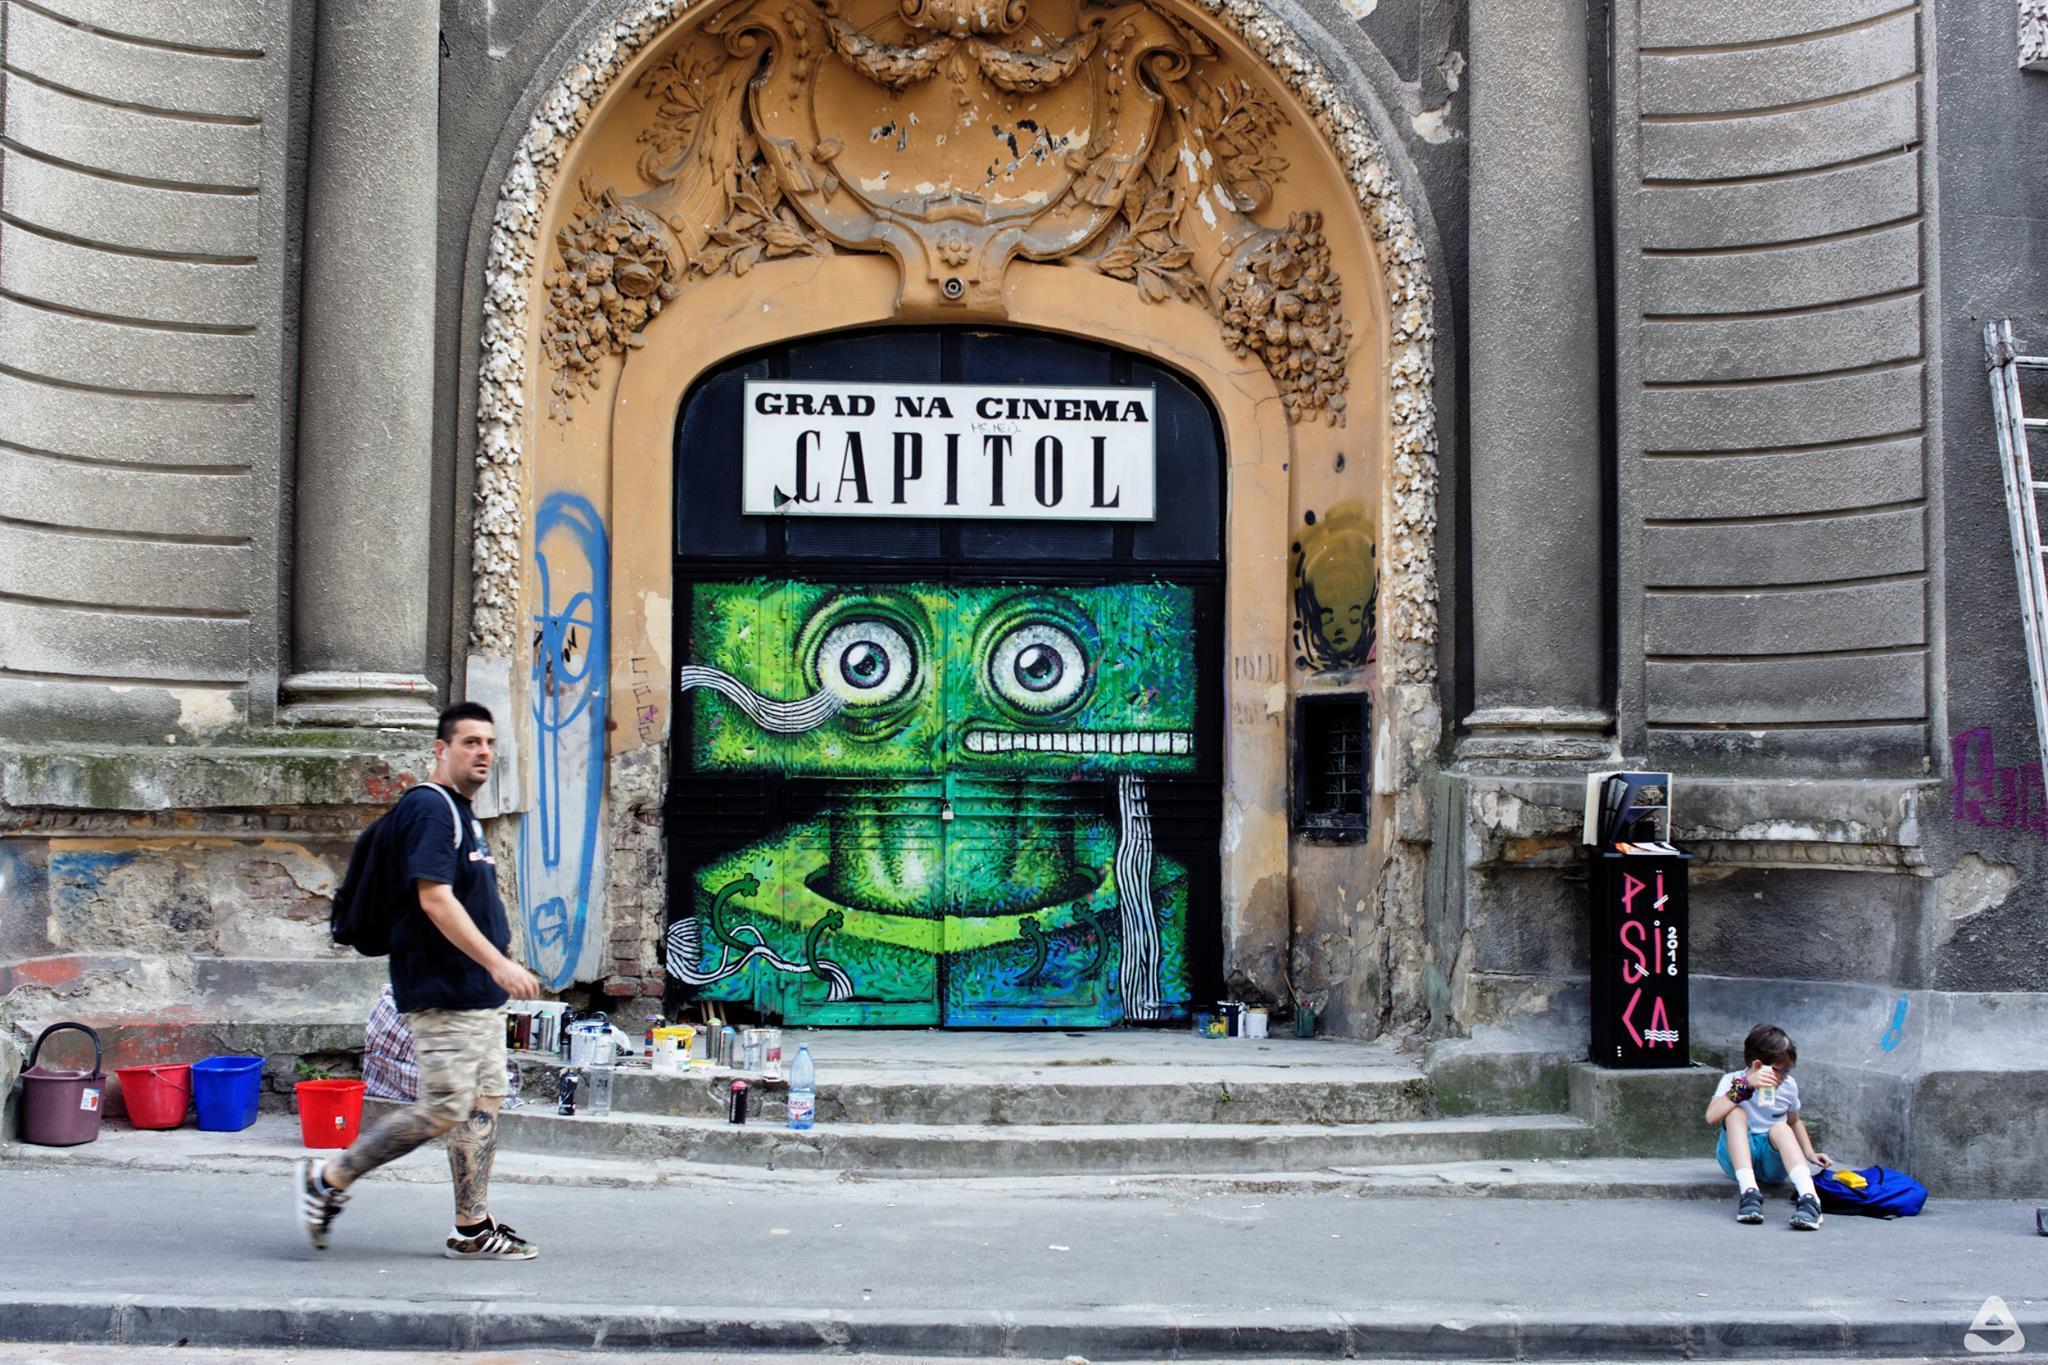 Pisica Pătrată @ Tatrul de vară Capitol, streetart mural, graffiti